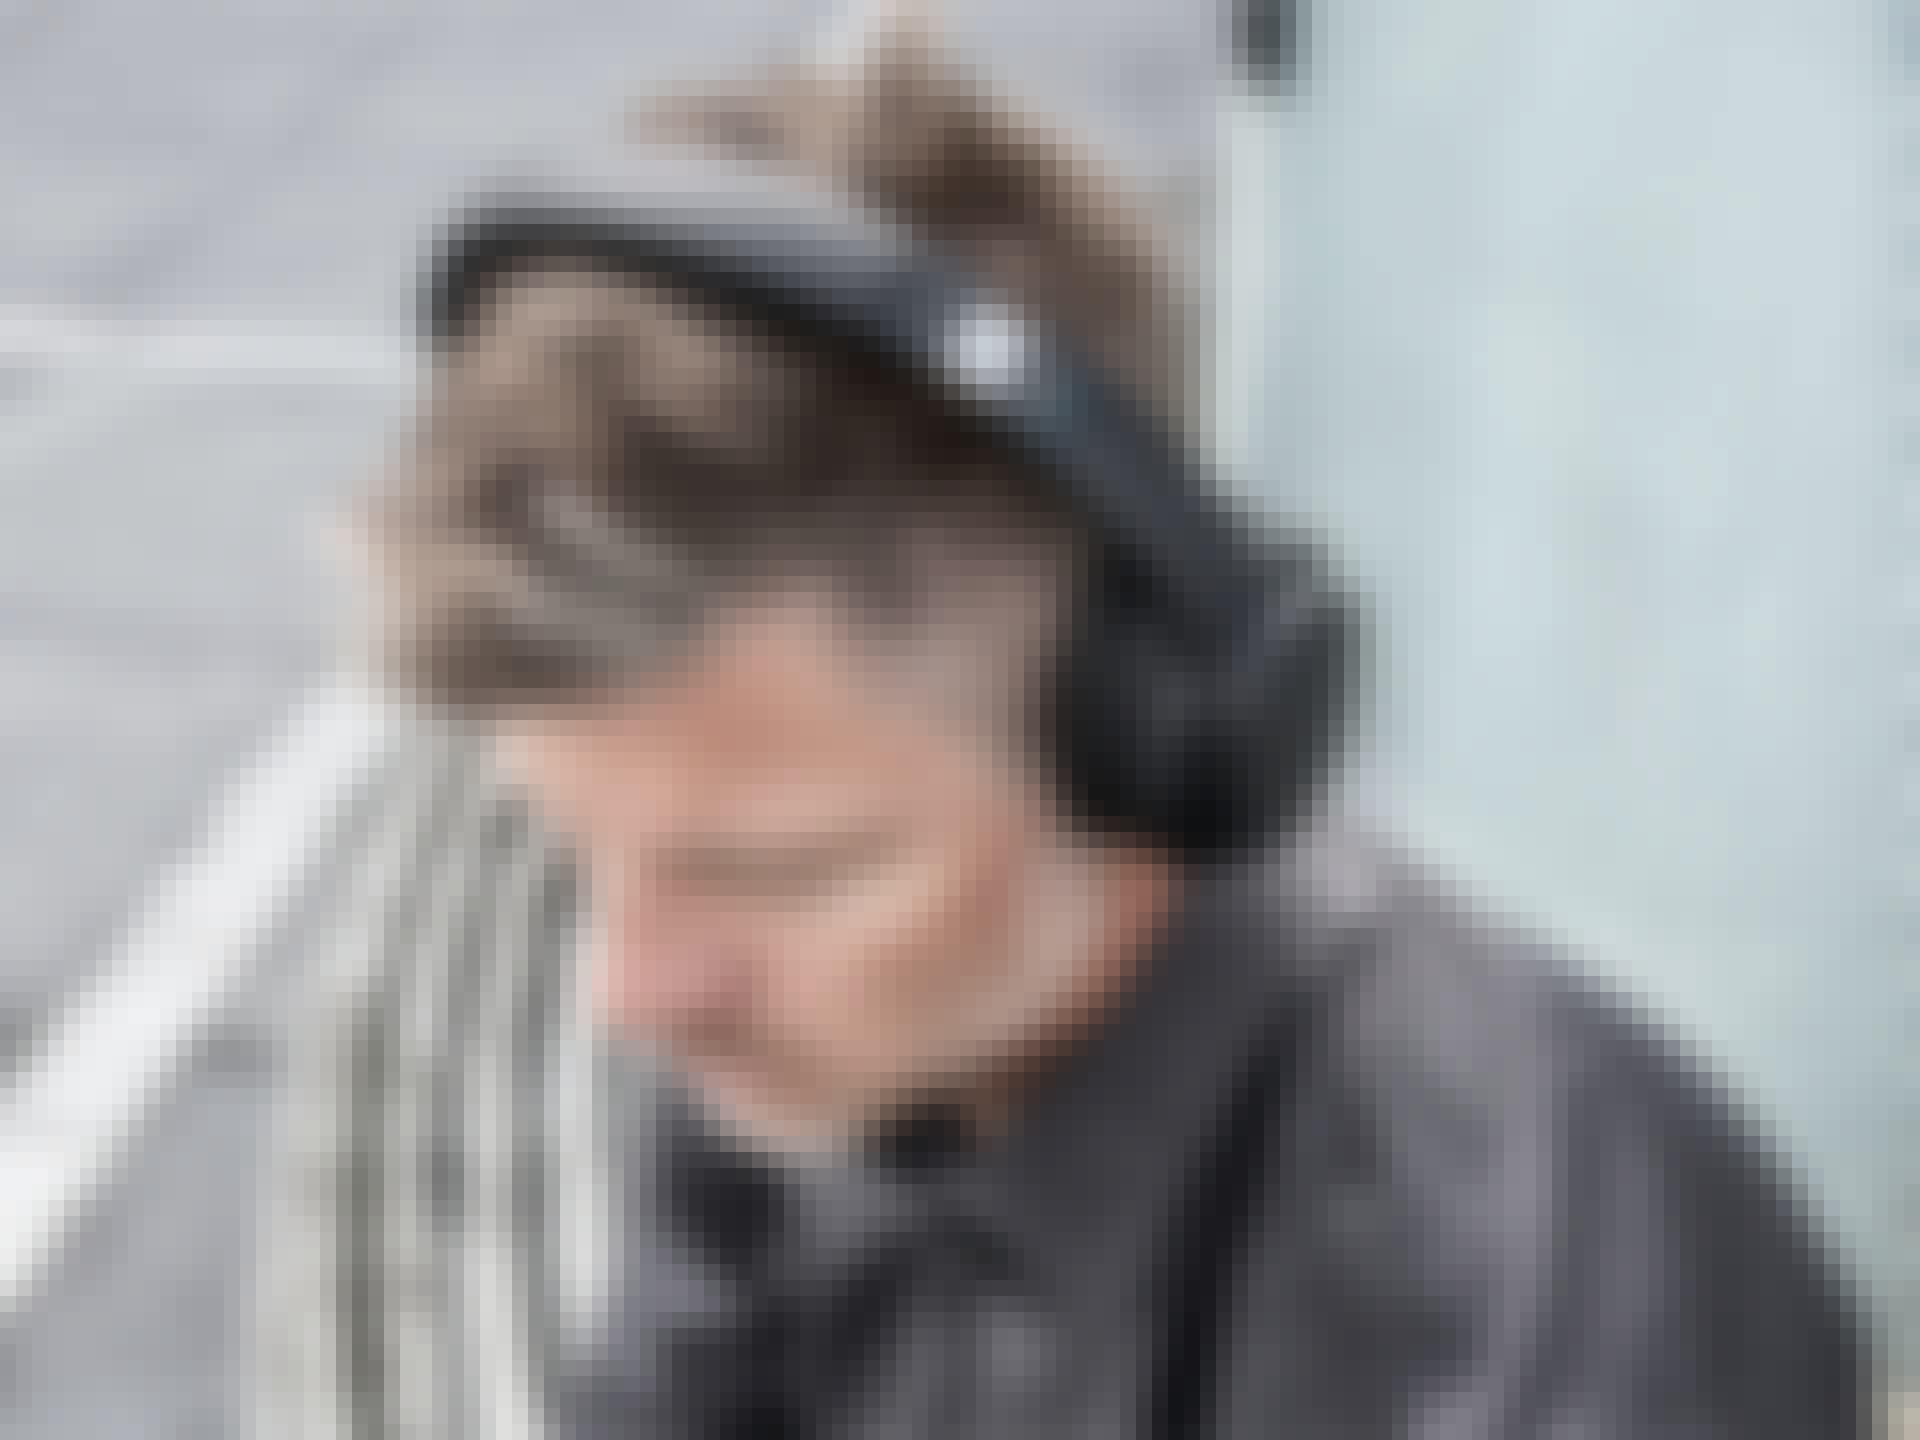 Støjreducerende høretelefoner